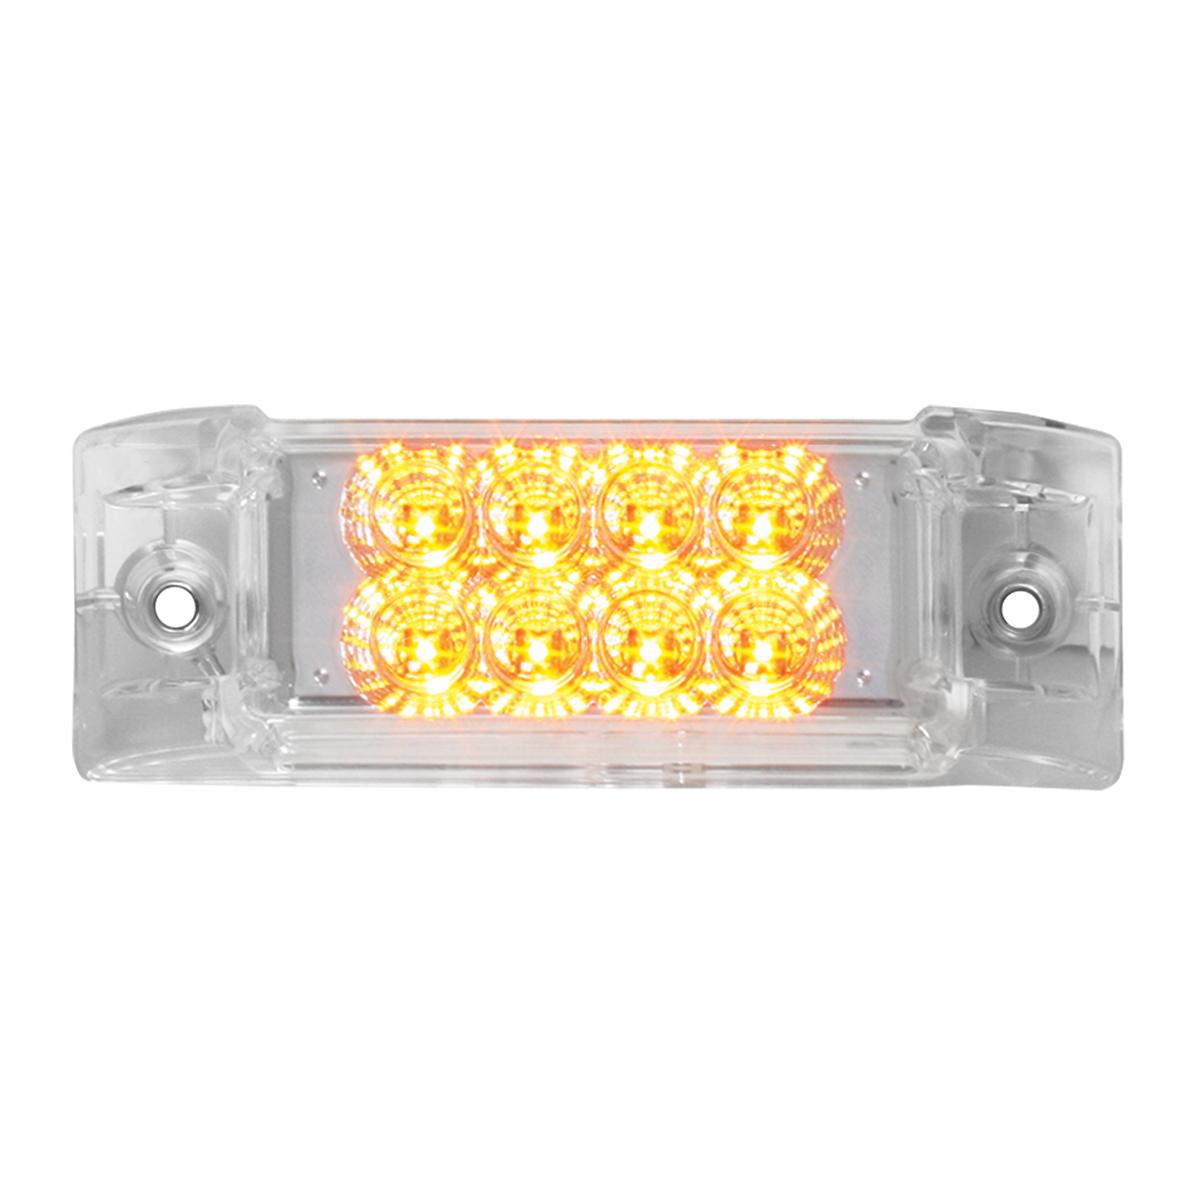 77661 Rectangular Spyder LED Marker Light in Amber/Clear